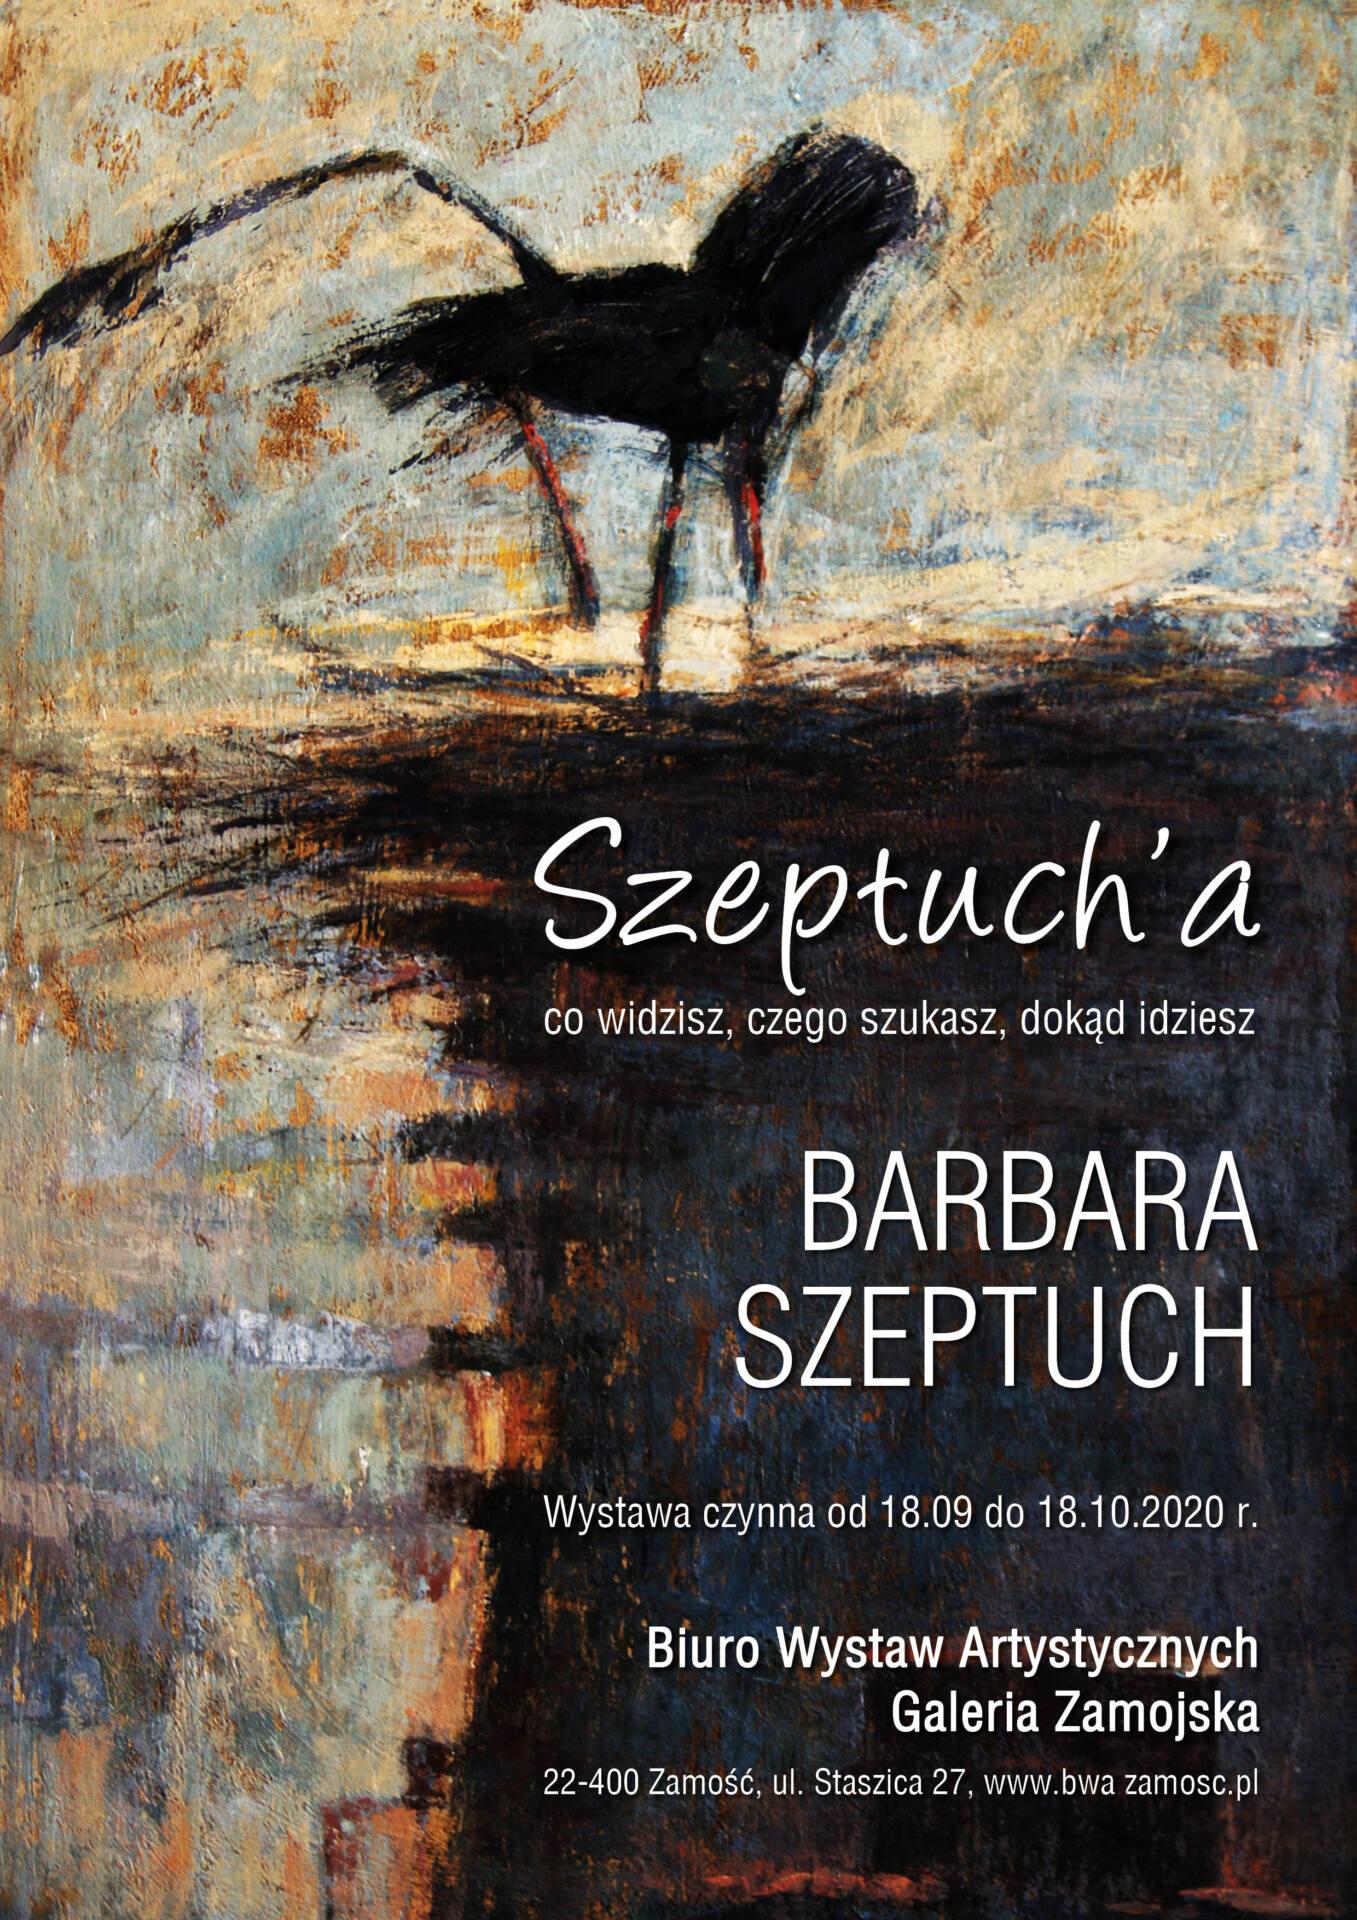 plakat edytowany 2 BWA Galeria Zamojska zaprasza na spotkanie z Barbarą Szeptuch